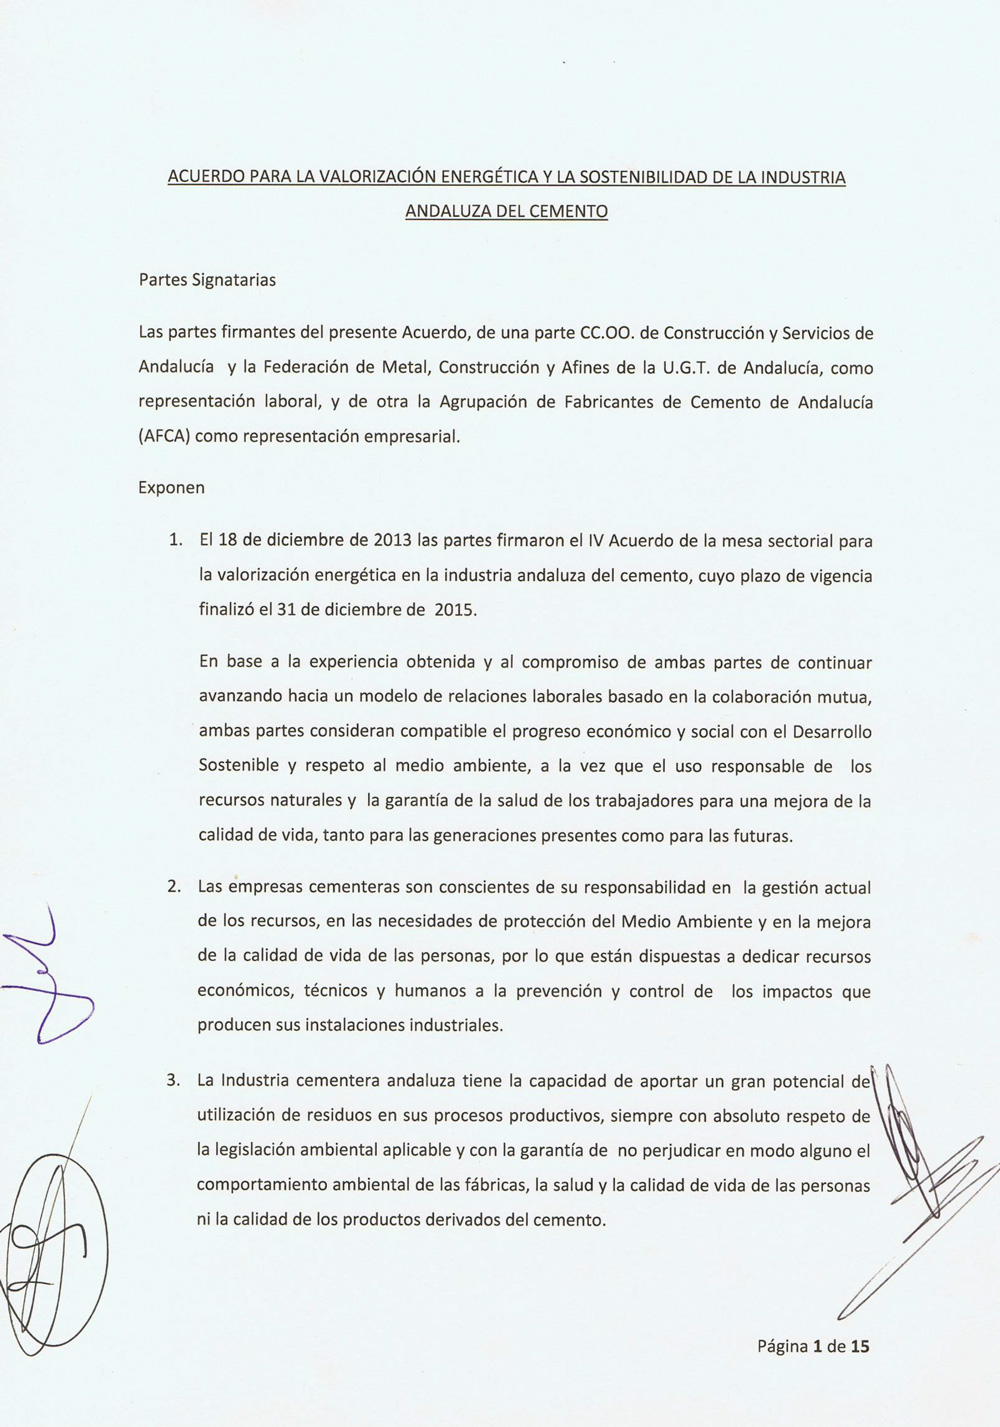 Acuerdo institucional sobre la valorización